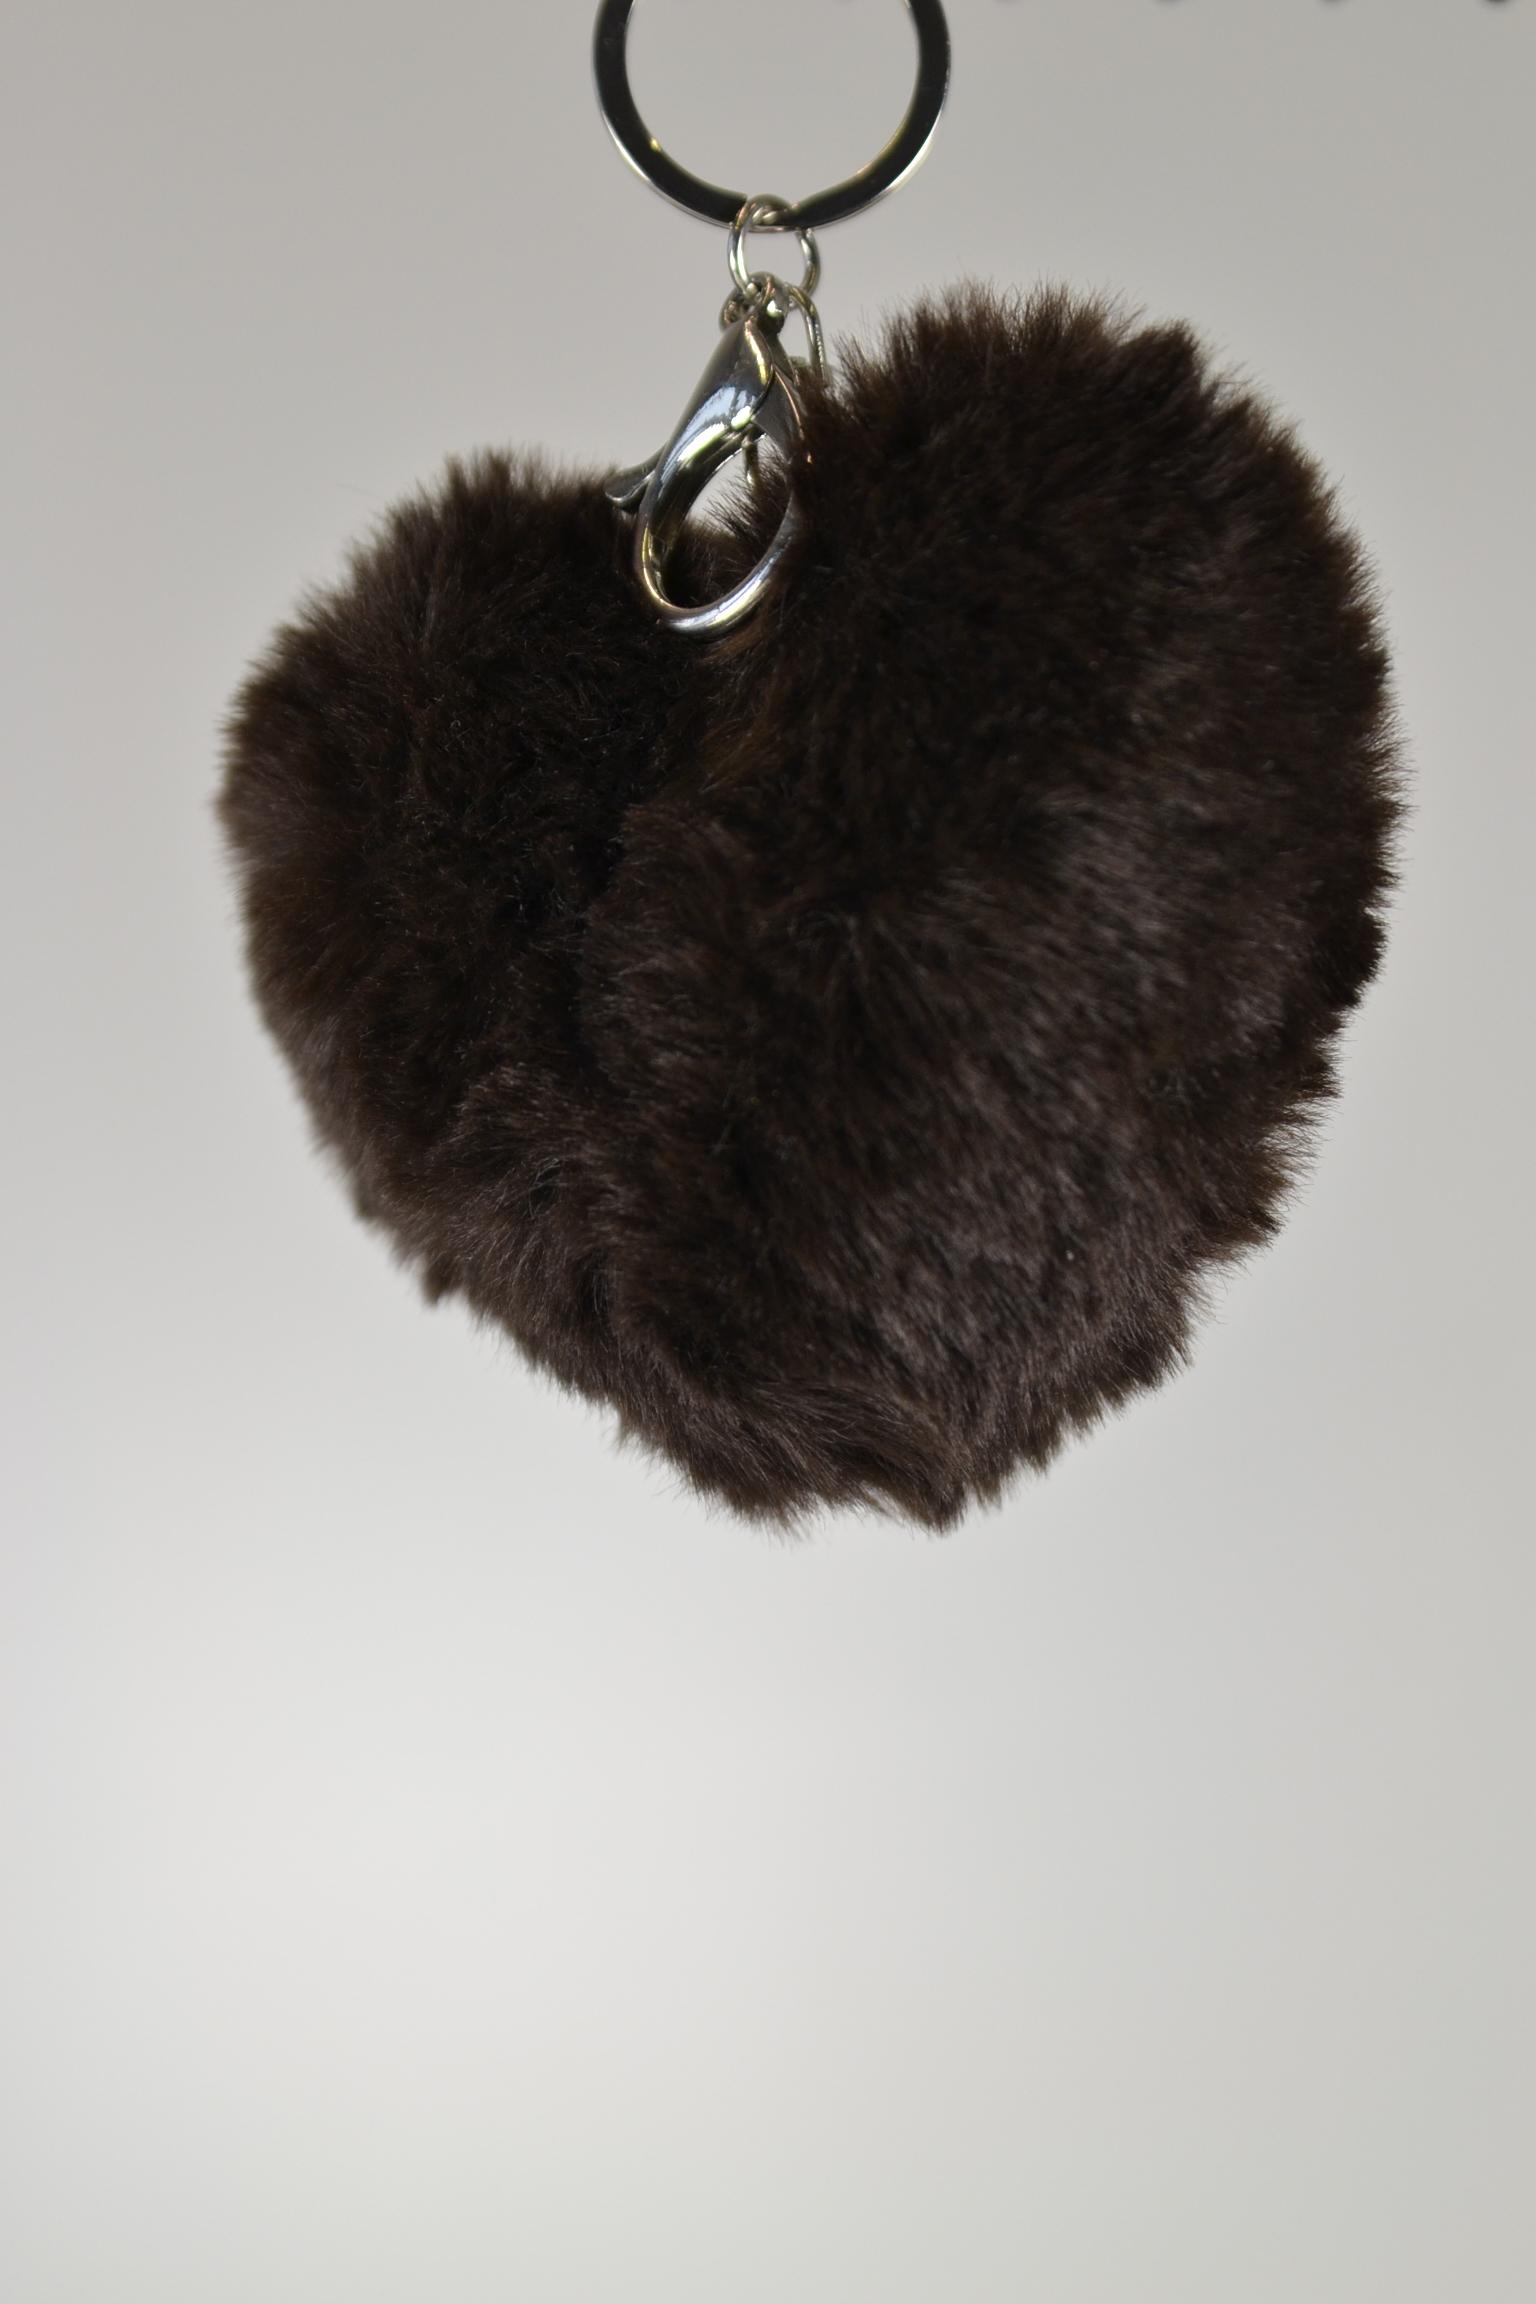 Anhänger Set Quaste silber Herz Kunstfell braun - aby-fashion